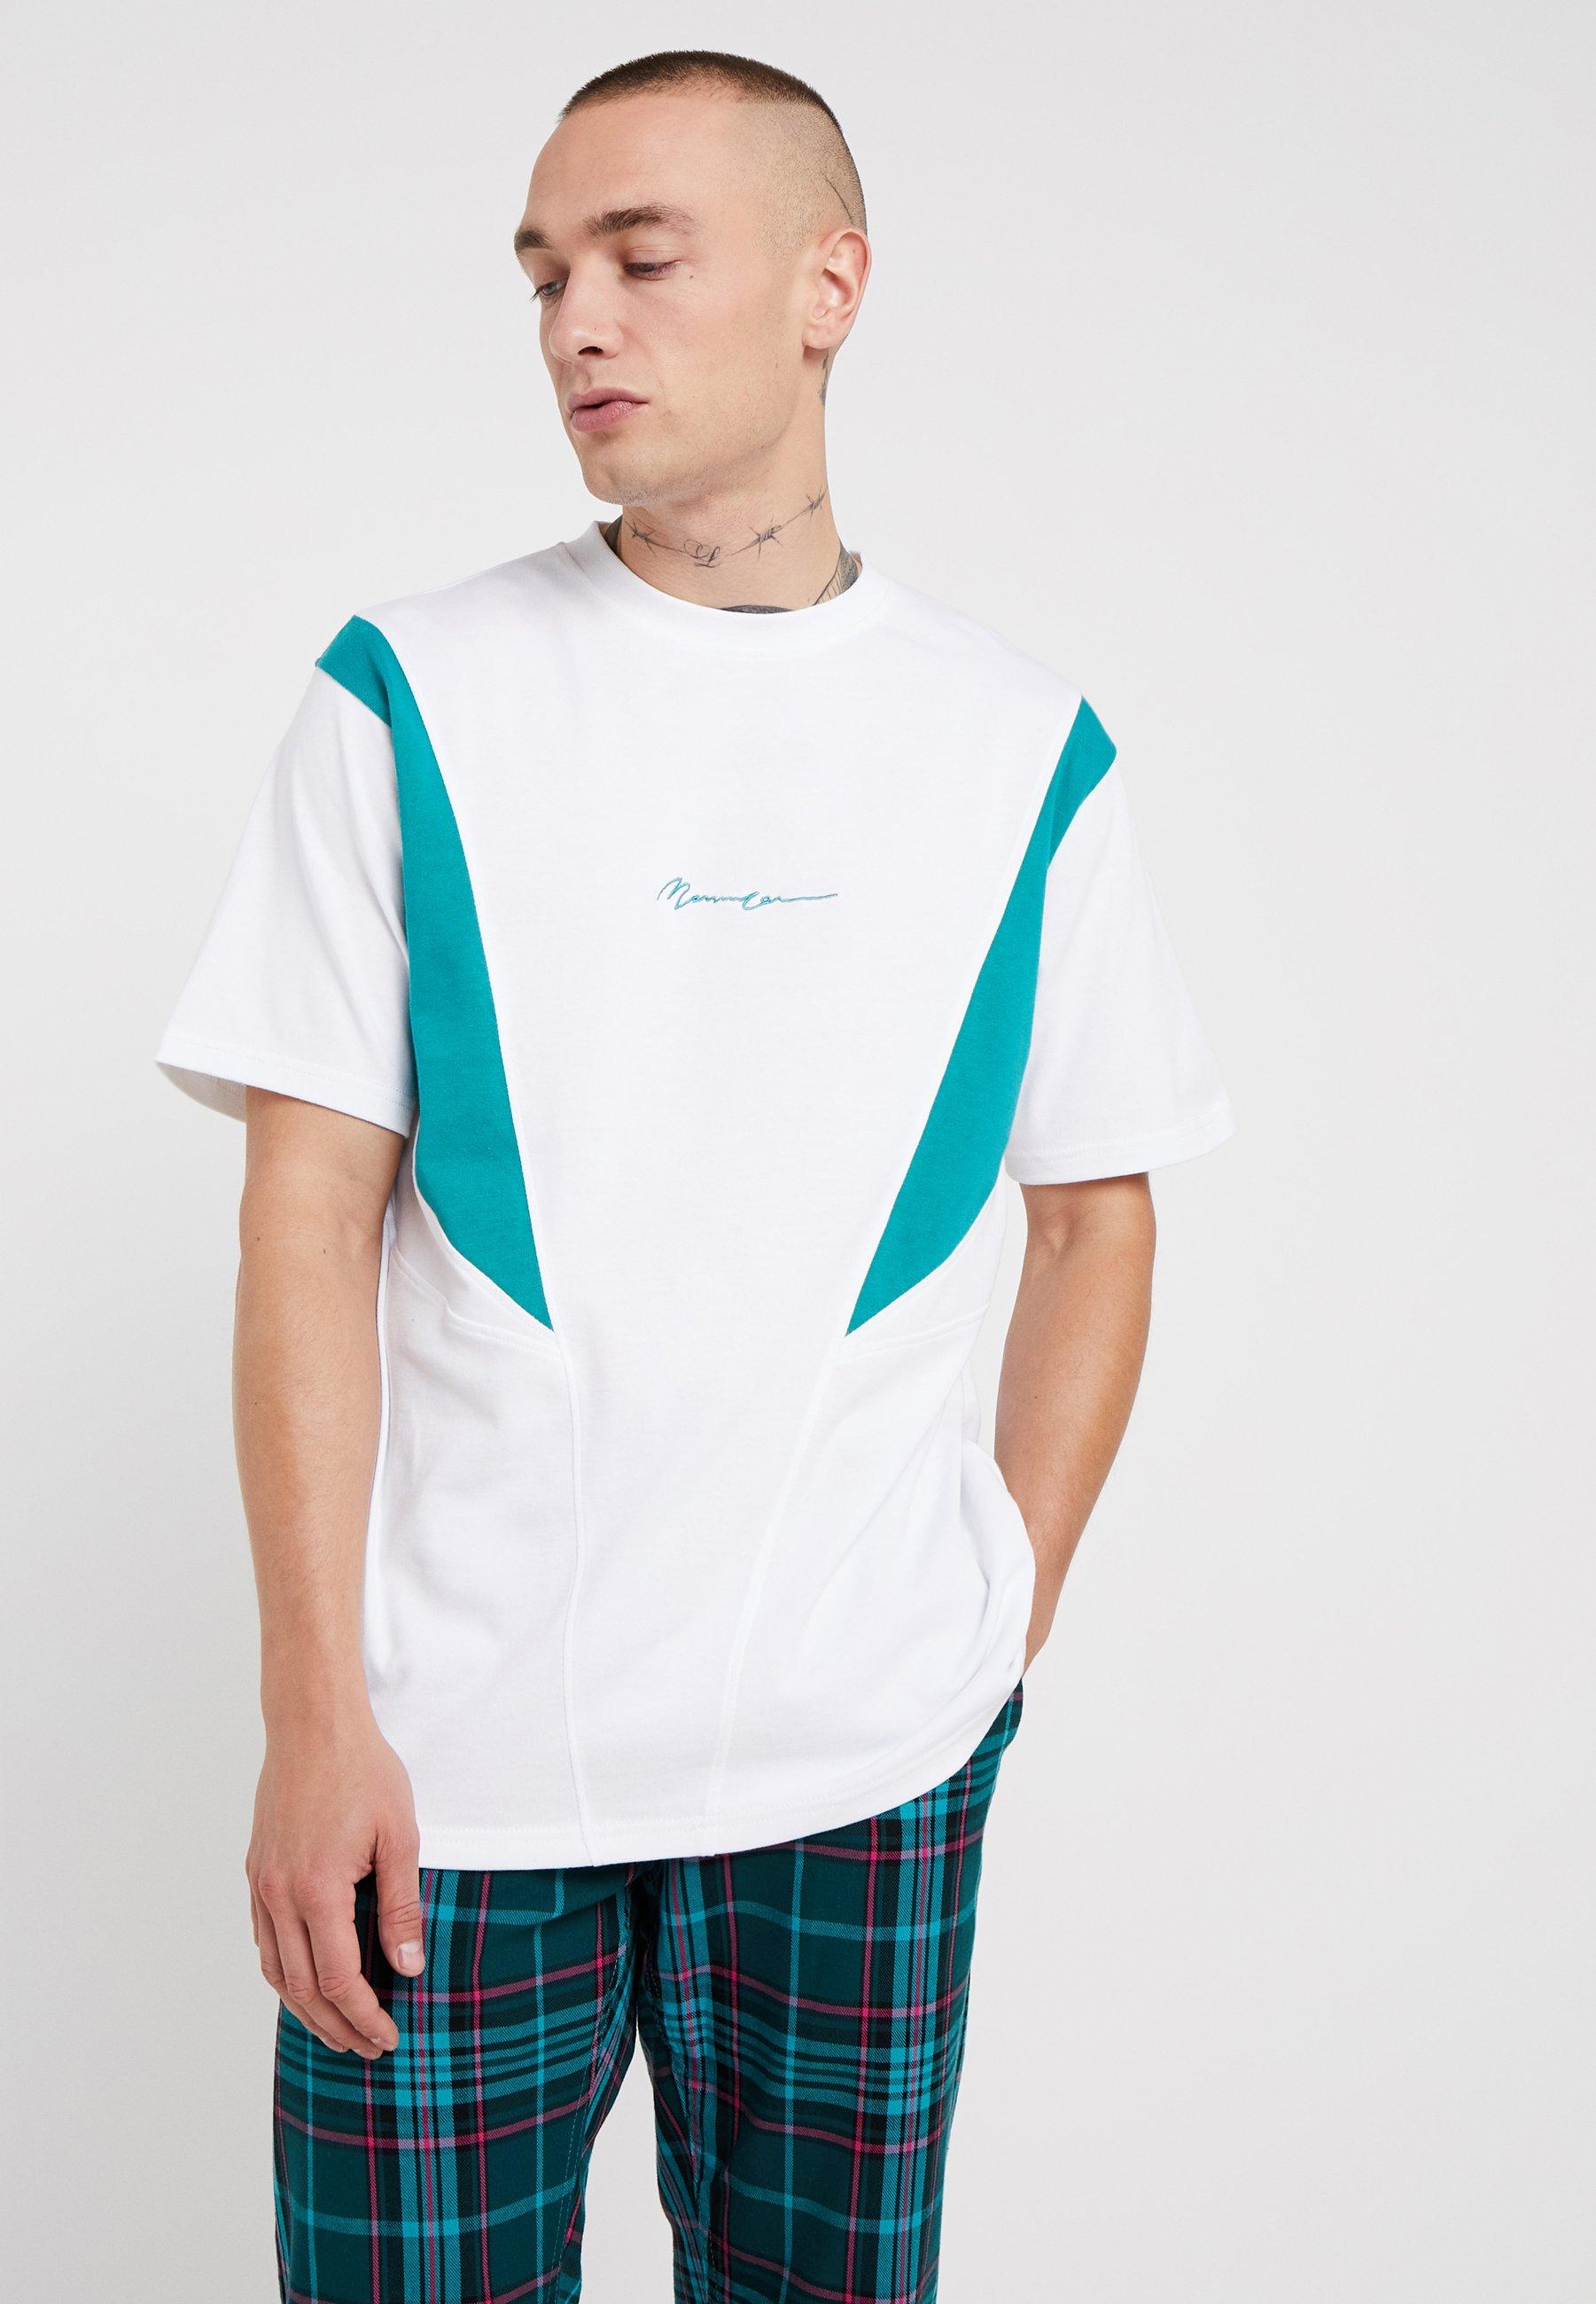 Imprimé Mennace White shirt Slash PanelT v0OynPm8wN